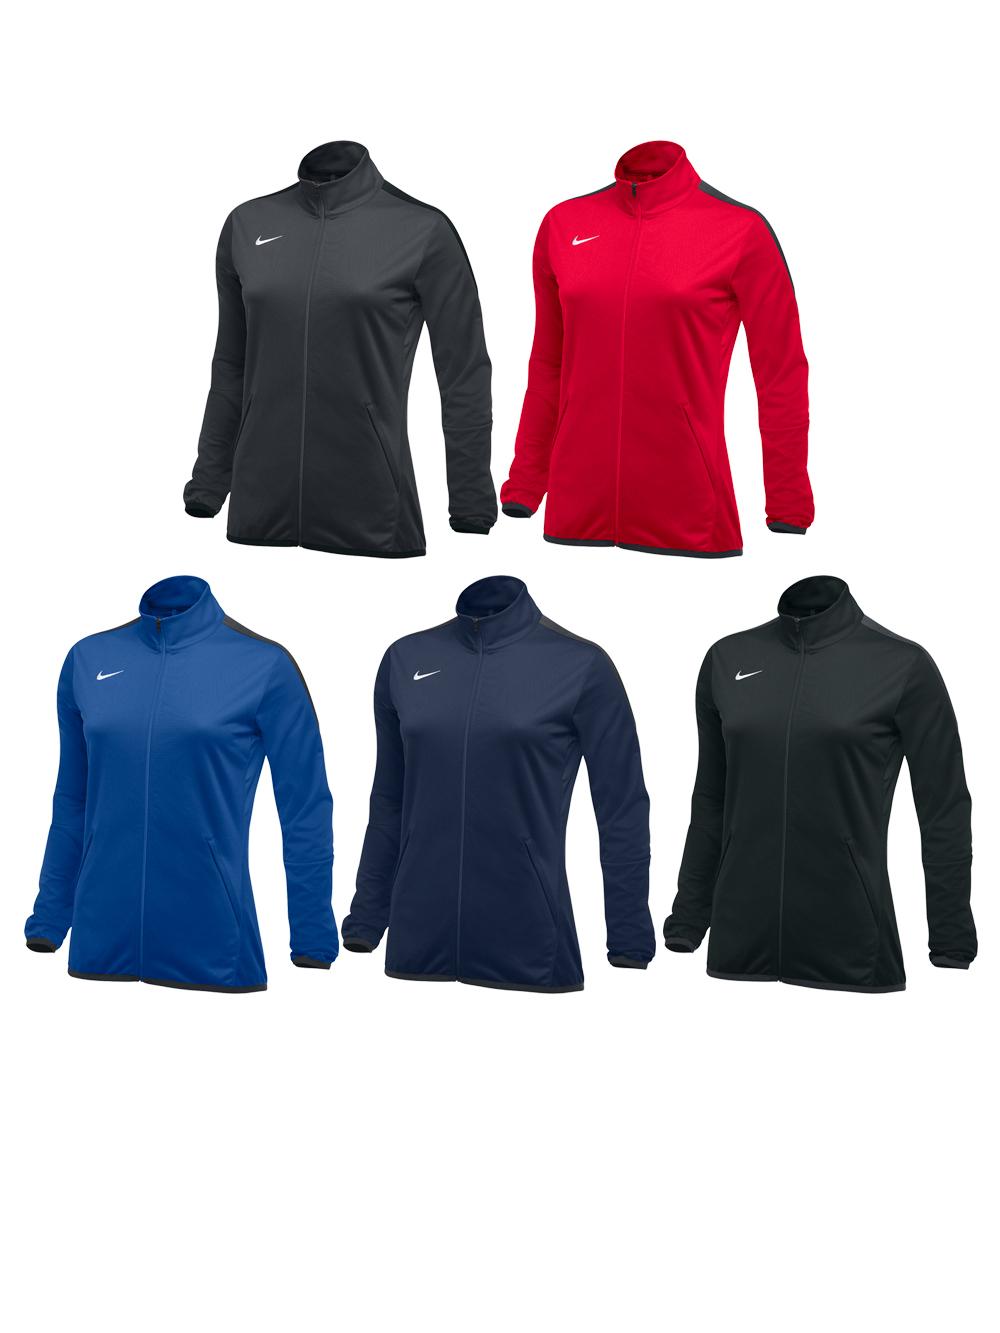 Nike epic jacket - Nike Youth Epic Jacket